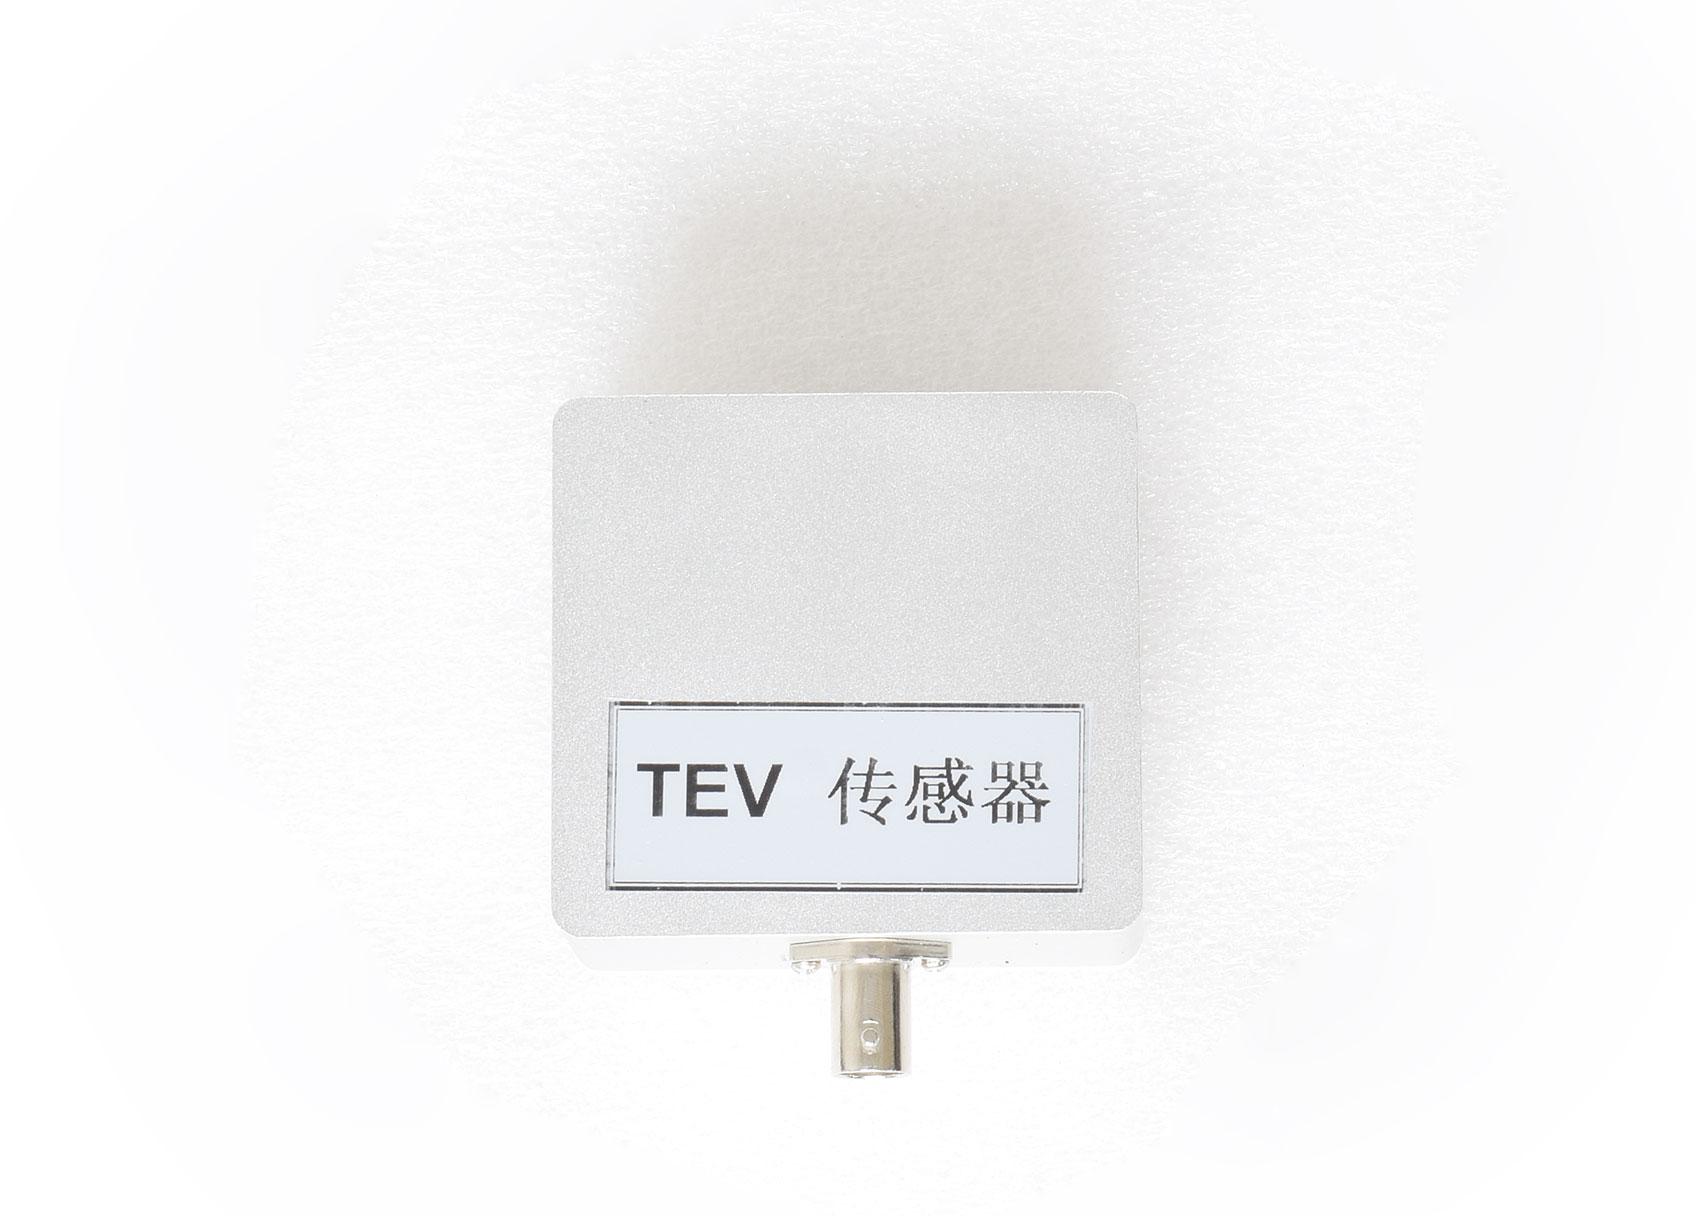 YTC3003手持式局放测试仪TEV传感器